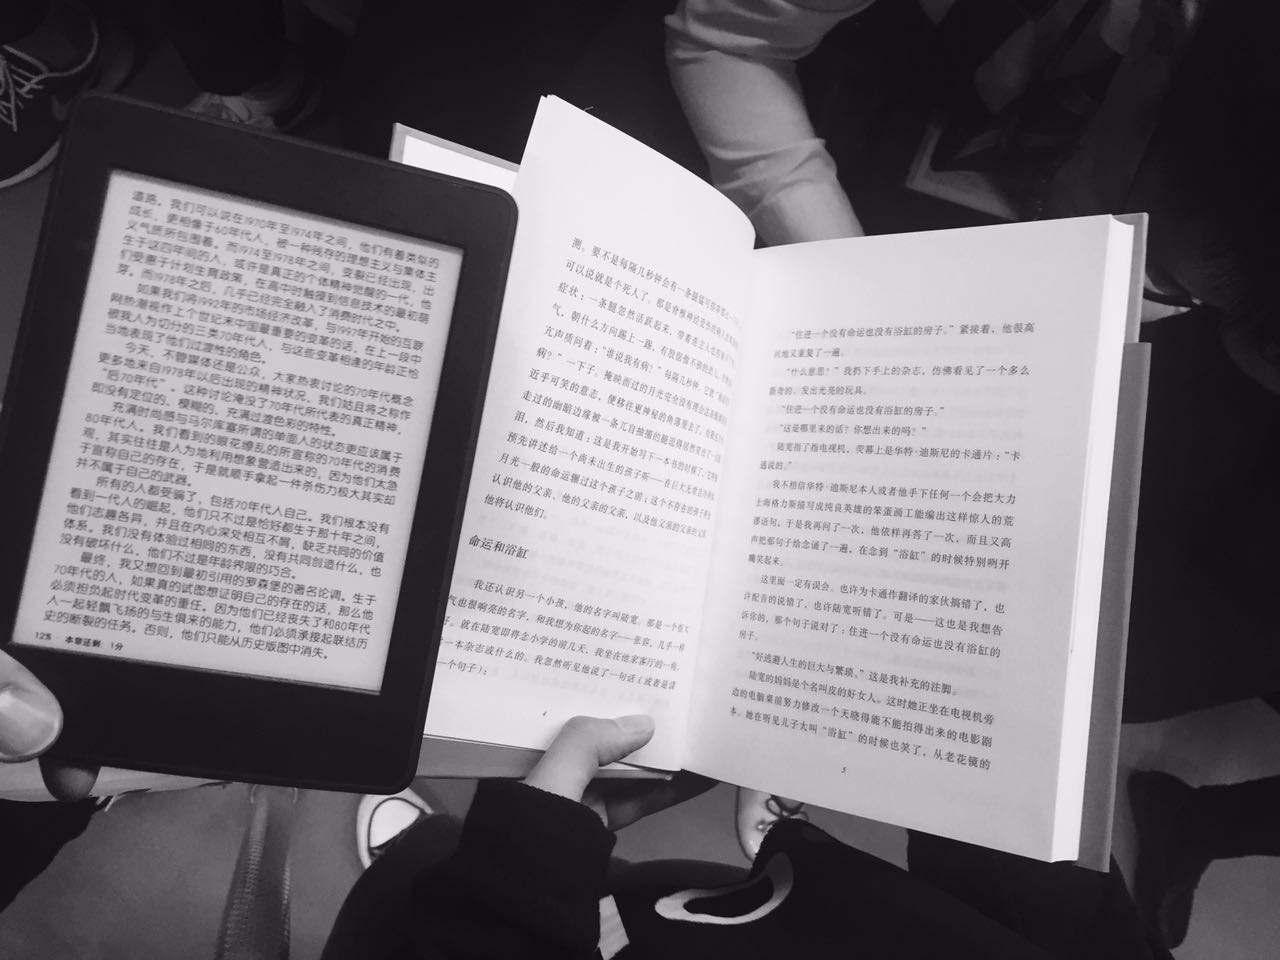 黑色星期天读后感书评欣赏